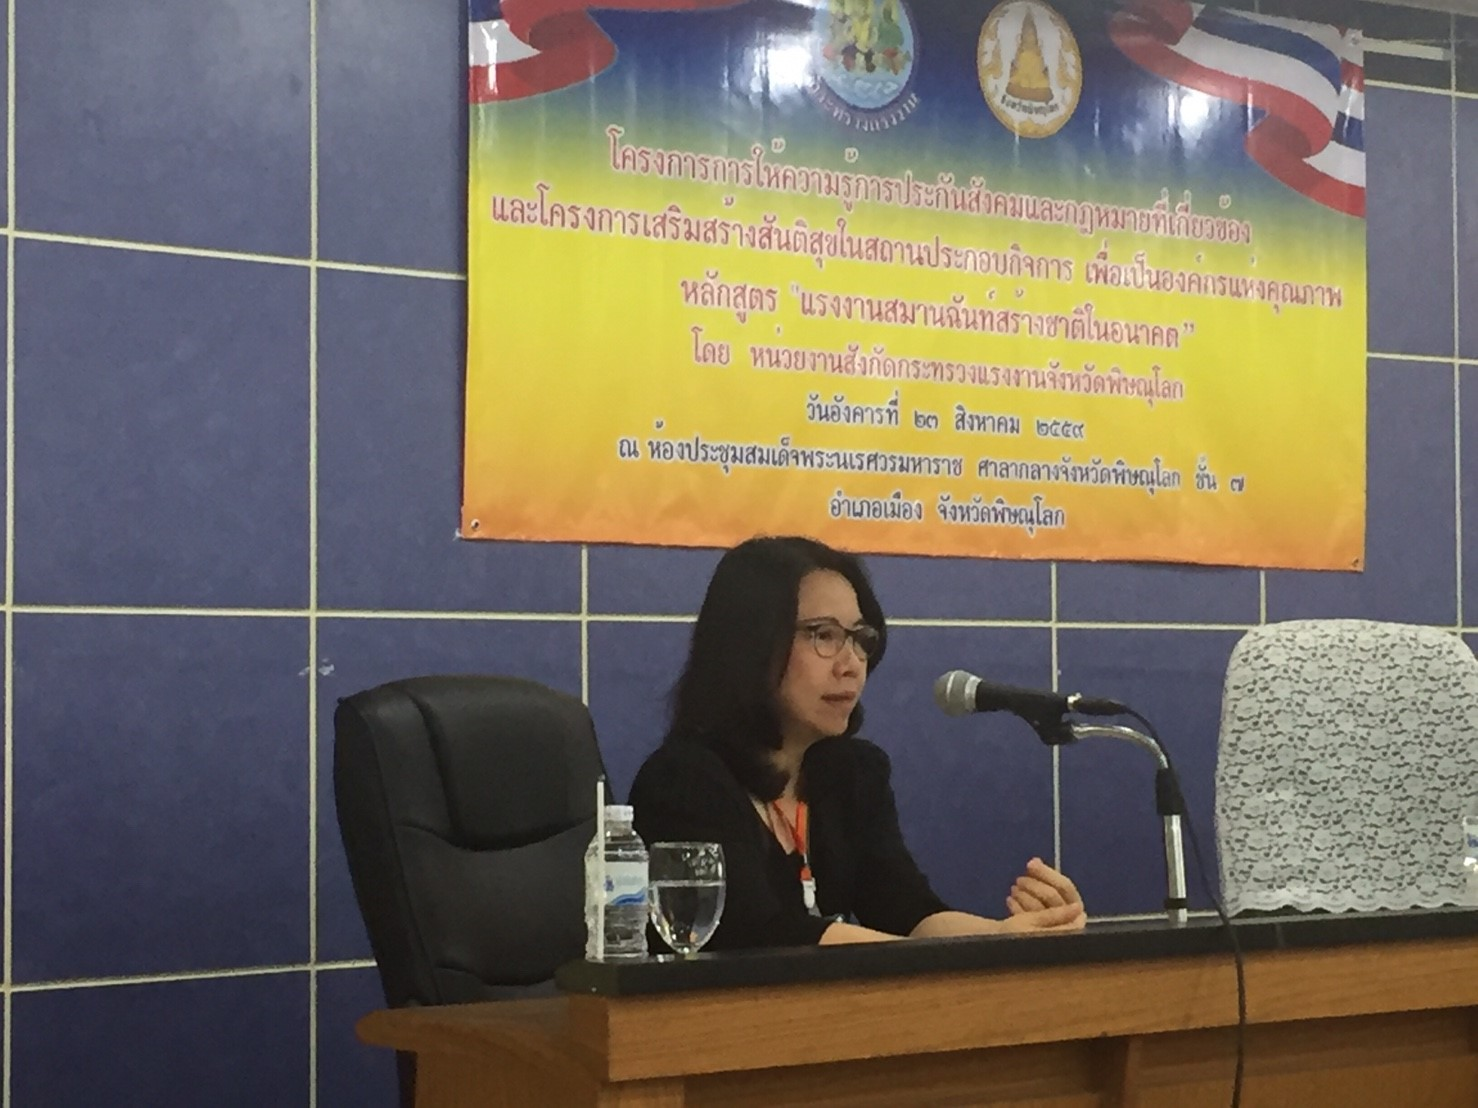 โครงการ ให้ความรู้การประกันสังคมและกฎหมายที่เกี่ยวข้องและโครงการเสริมสร้างสันติสุข  ในสถานประกอบการ